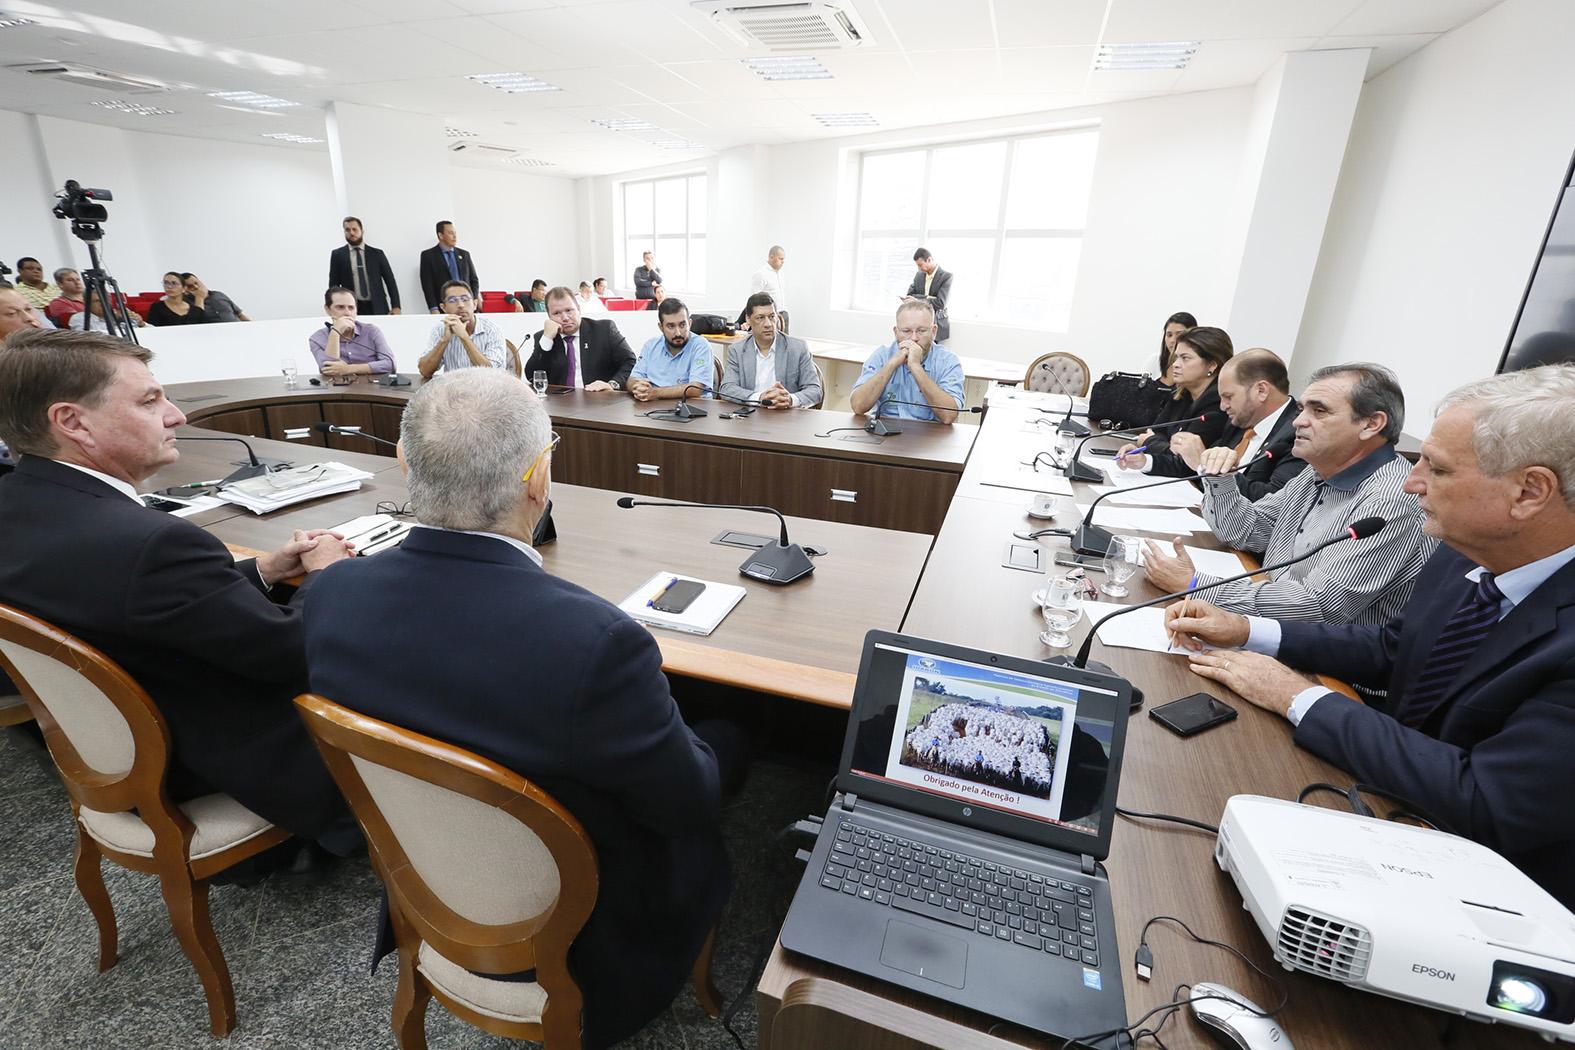 Assista na íntegra a reunião da Comissão de Agricultura que debateu políticas para o setor produtivo